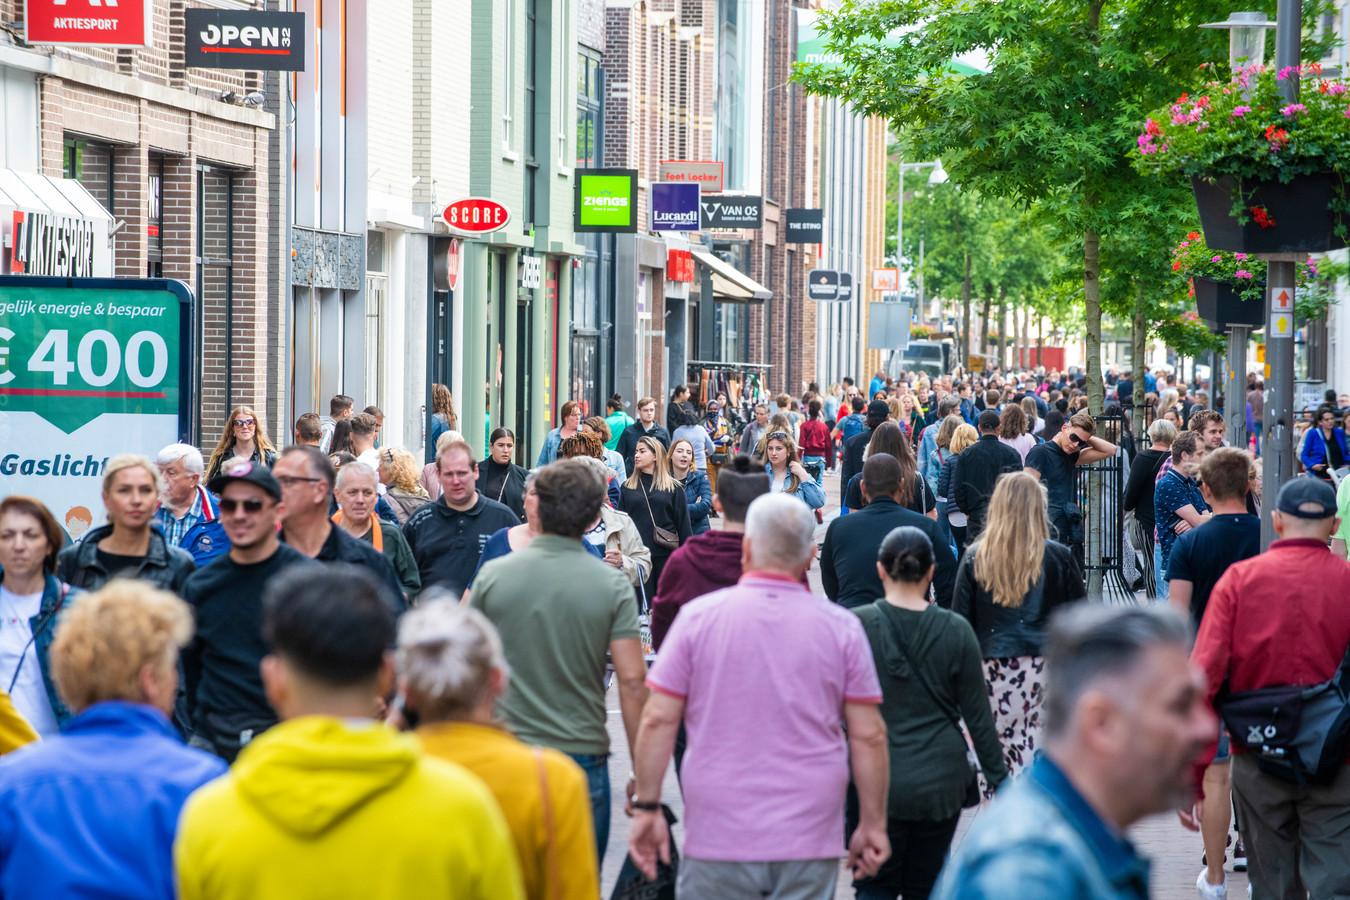 Drukte in de binnenstad van Apeldoorn.